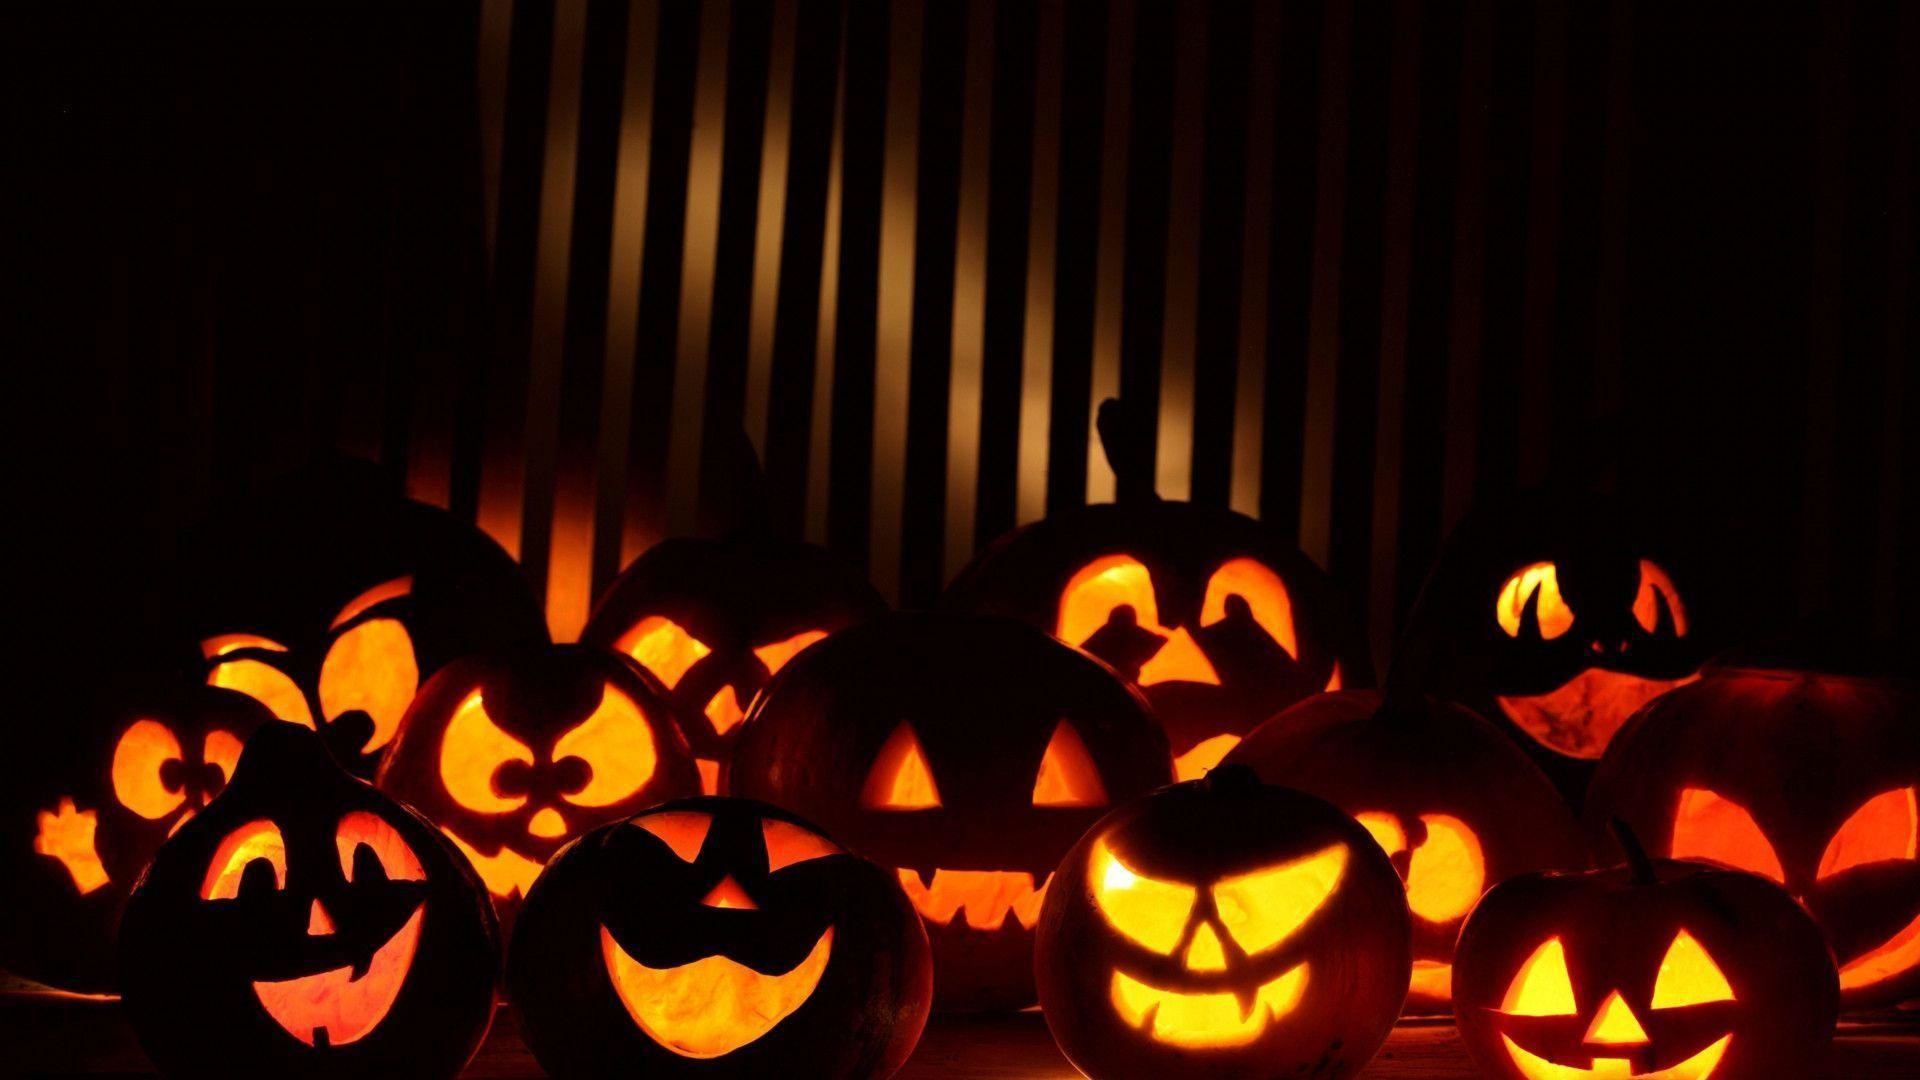 HD Happy Halloween Desktop Background | Desktop Backgrounds HQ